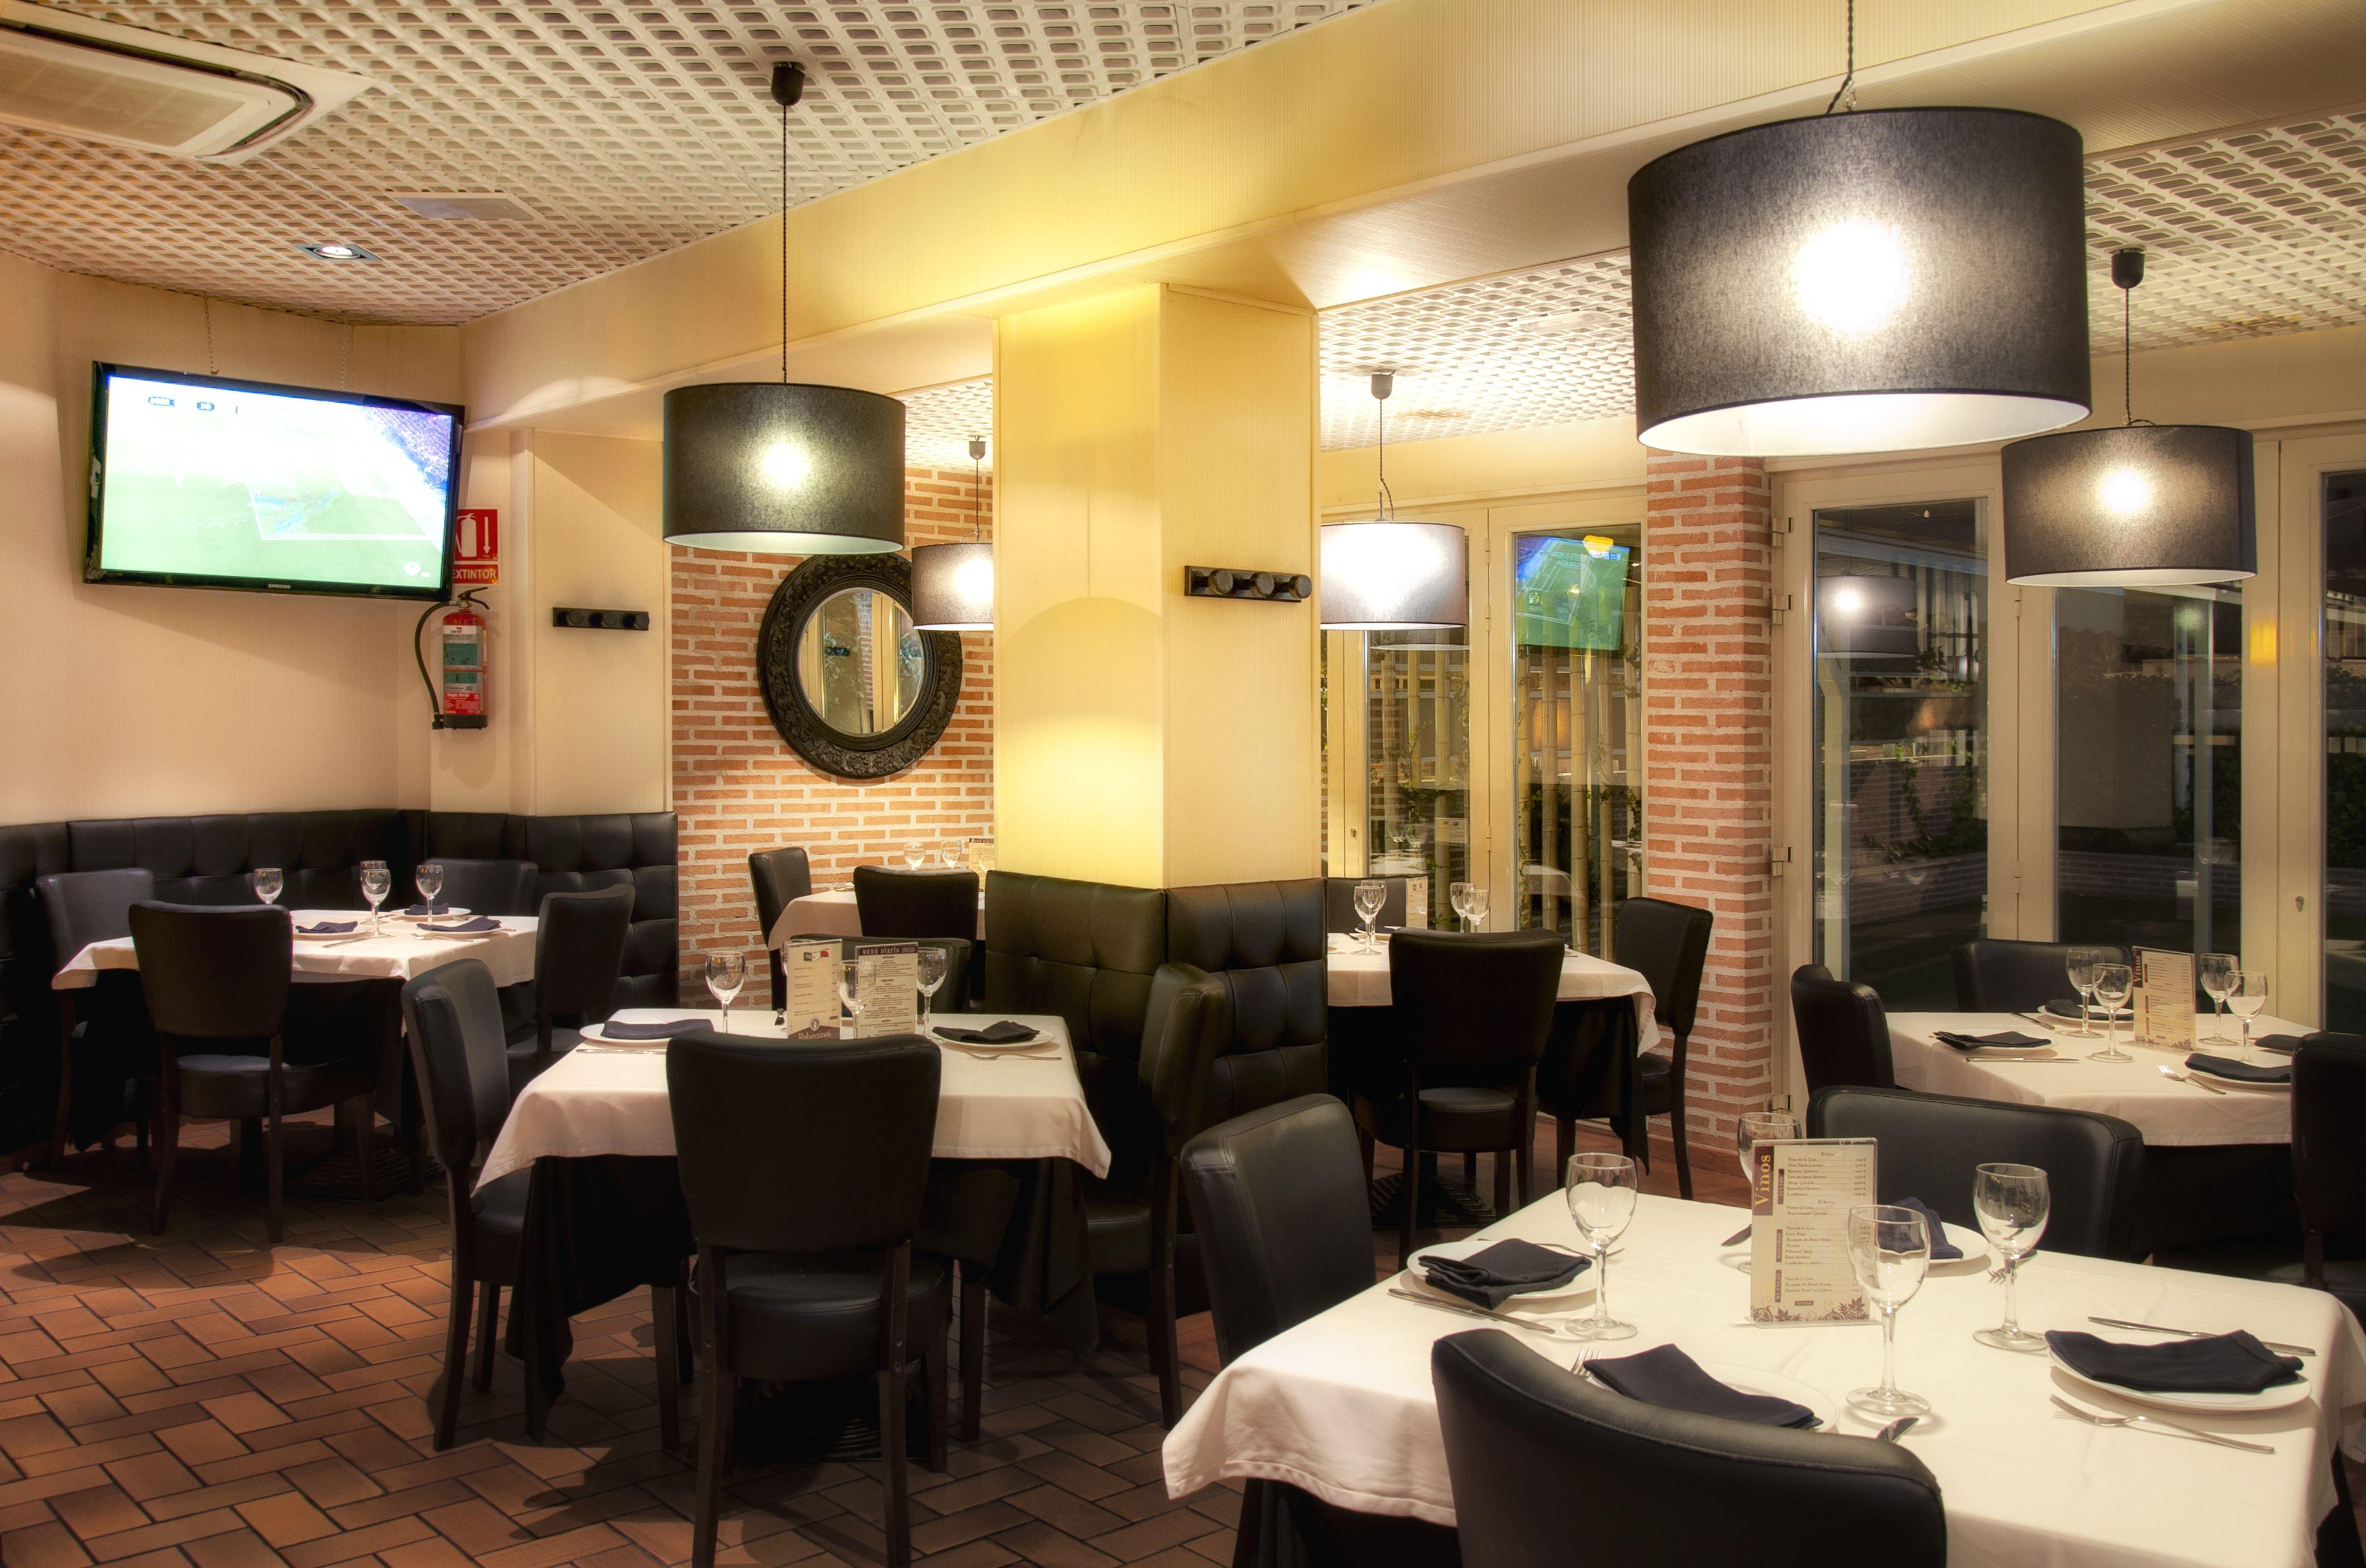 Foto 17 de Restaurante italiano en Collado Villalba | Restaurante Robertinos